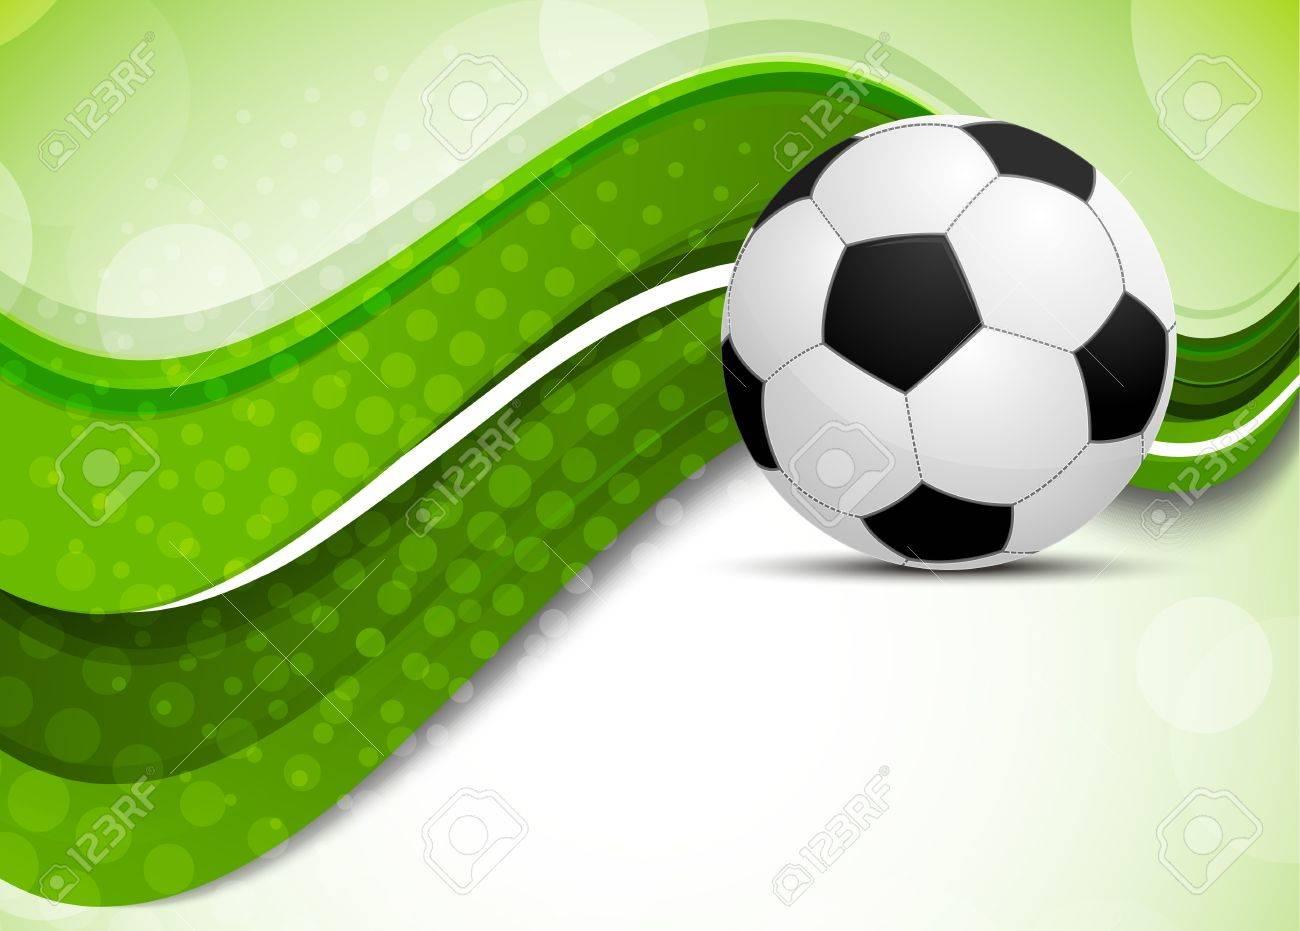 7b50d8774e03c Fondo verde con la pelota de fútbol. Ilustración abstracta Foto de archivo  - 15472763